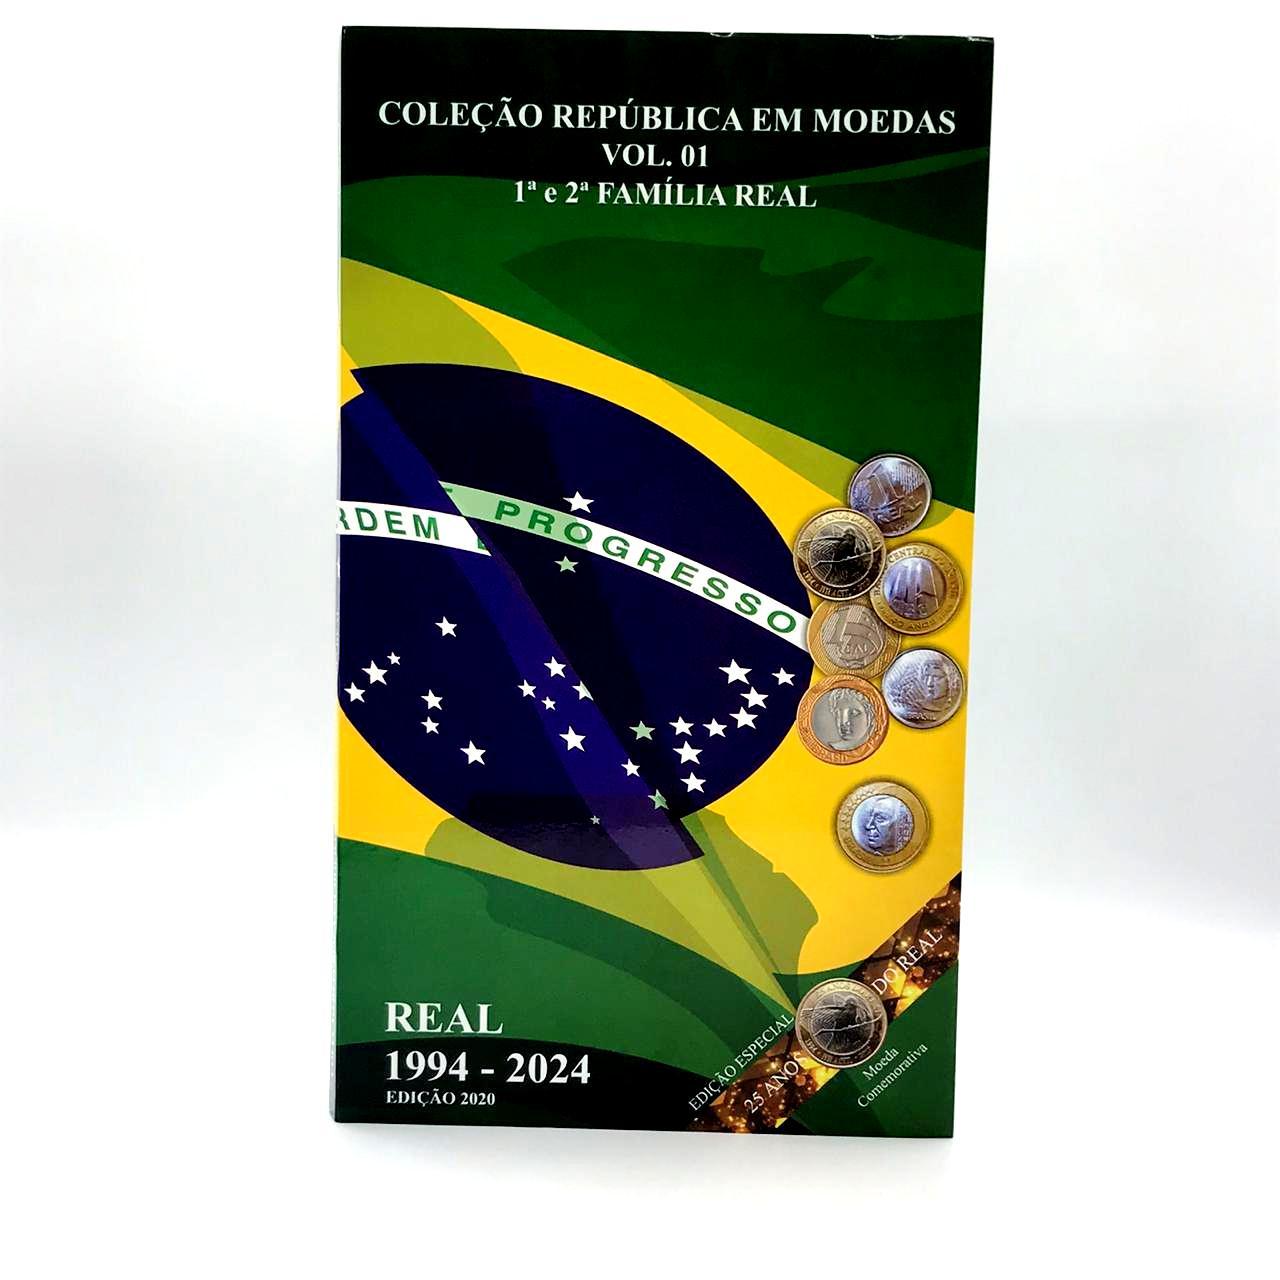 Album Coleção Familia do Real 1 e 2 Familia 1994-2024